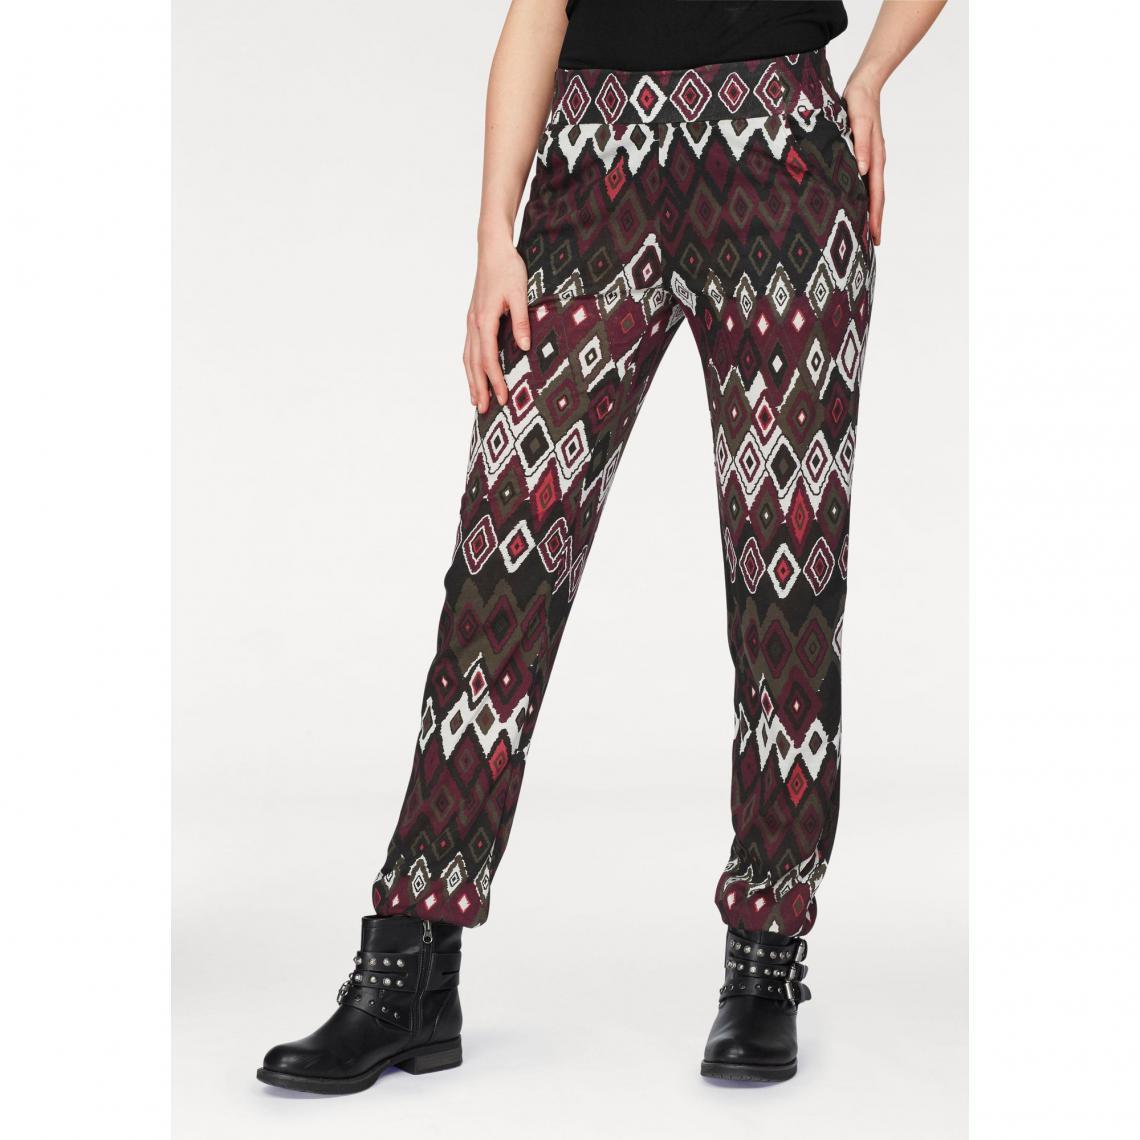 05ecd87a0366 Pantalon imprimé ethnique taille élastiquée femme AJC - Multicolore AJC  Femme